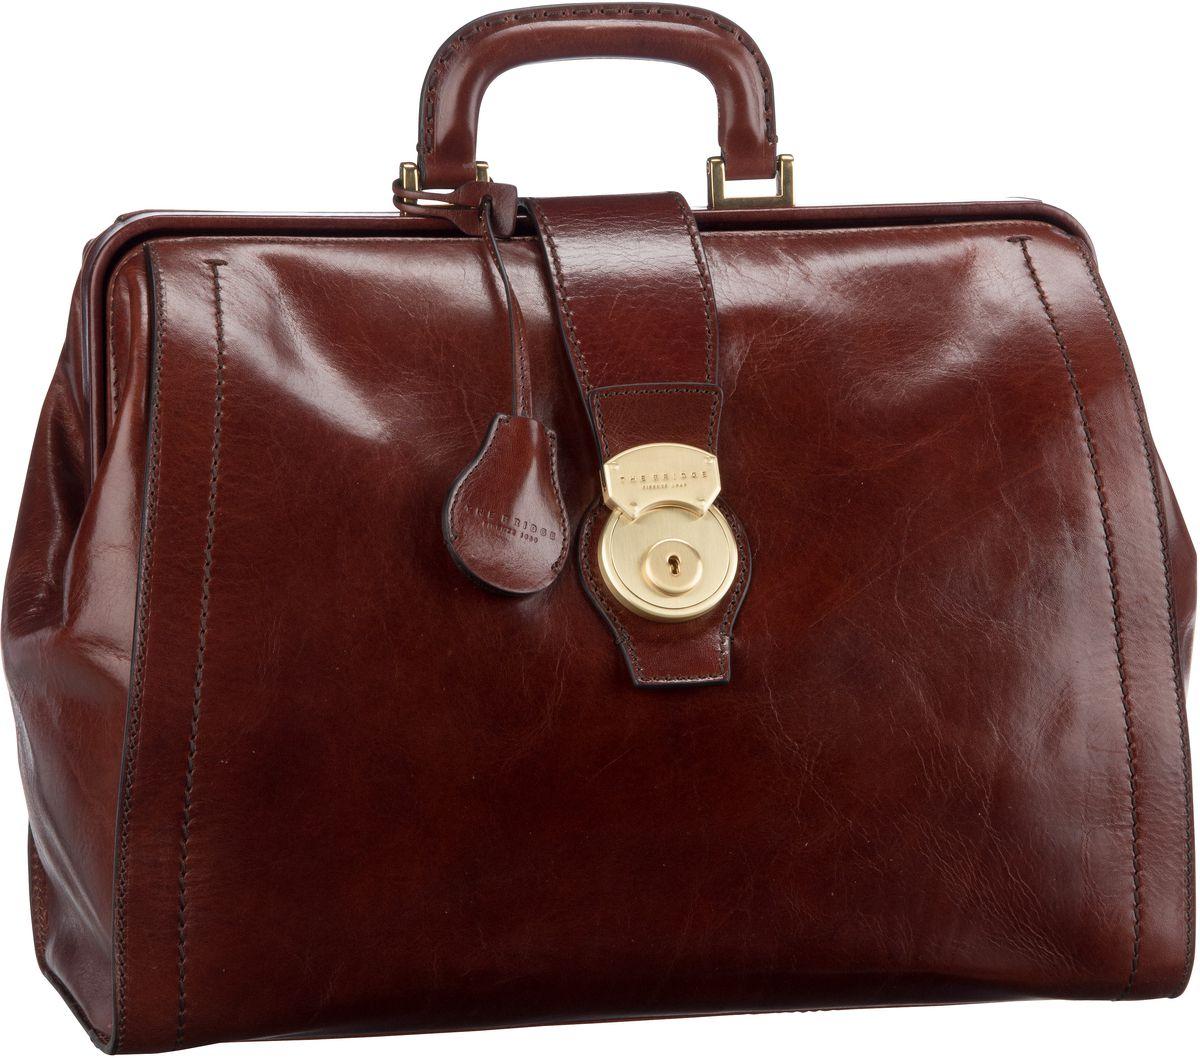 Handtasche Capalbio Arzttasche 2058 Marrone/Oro